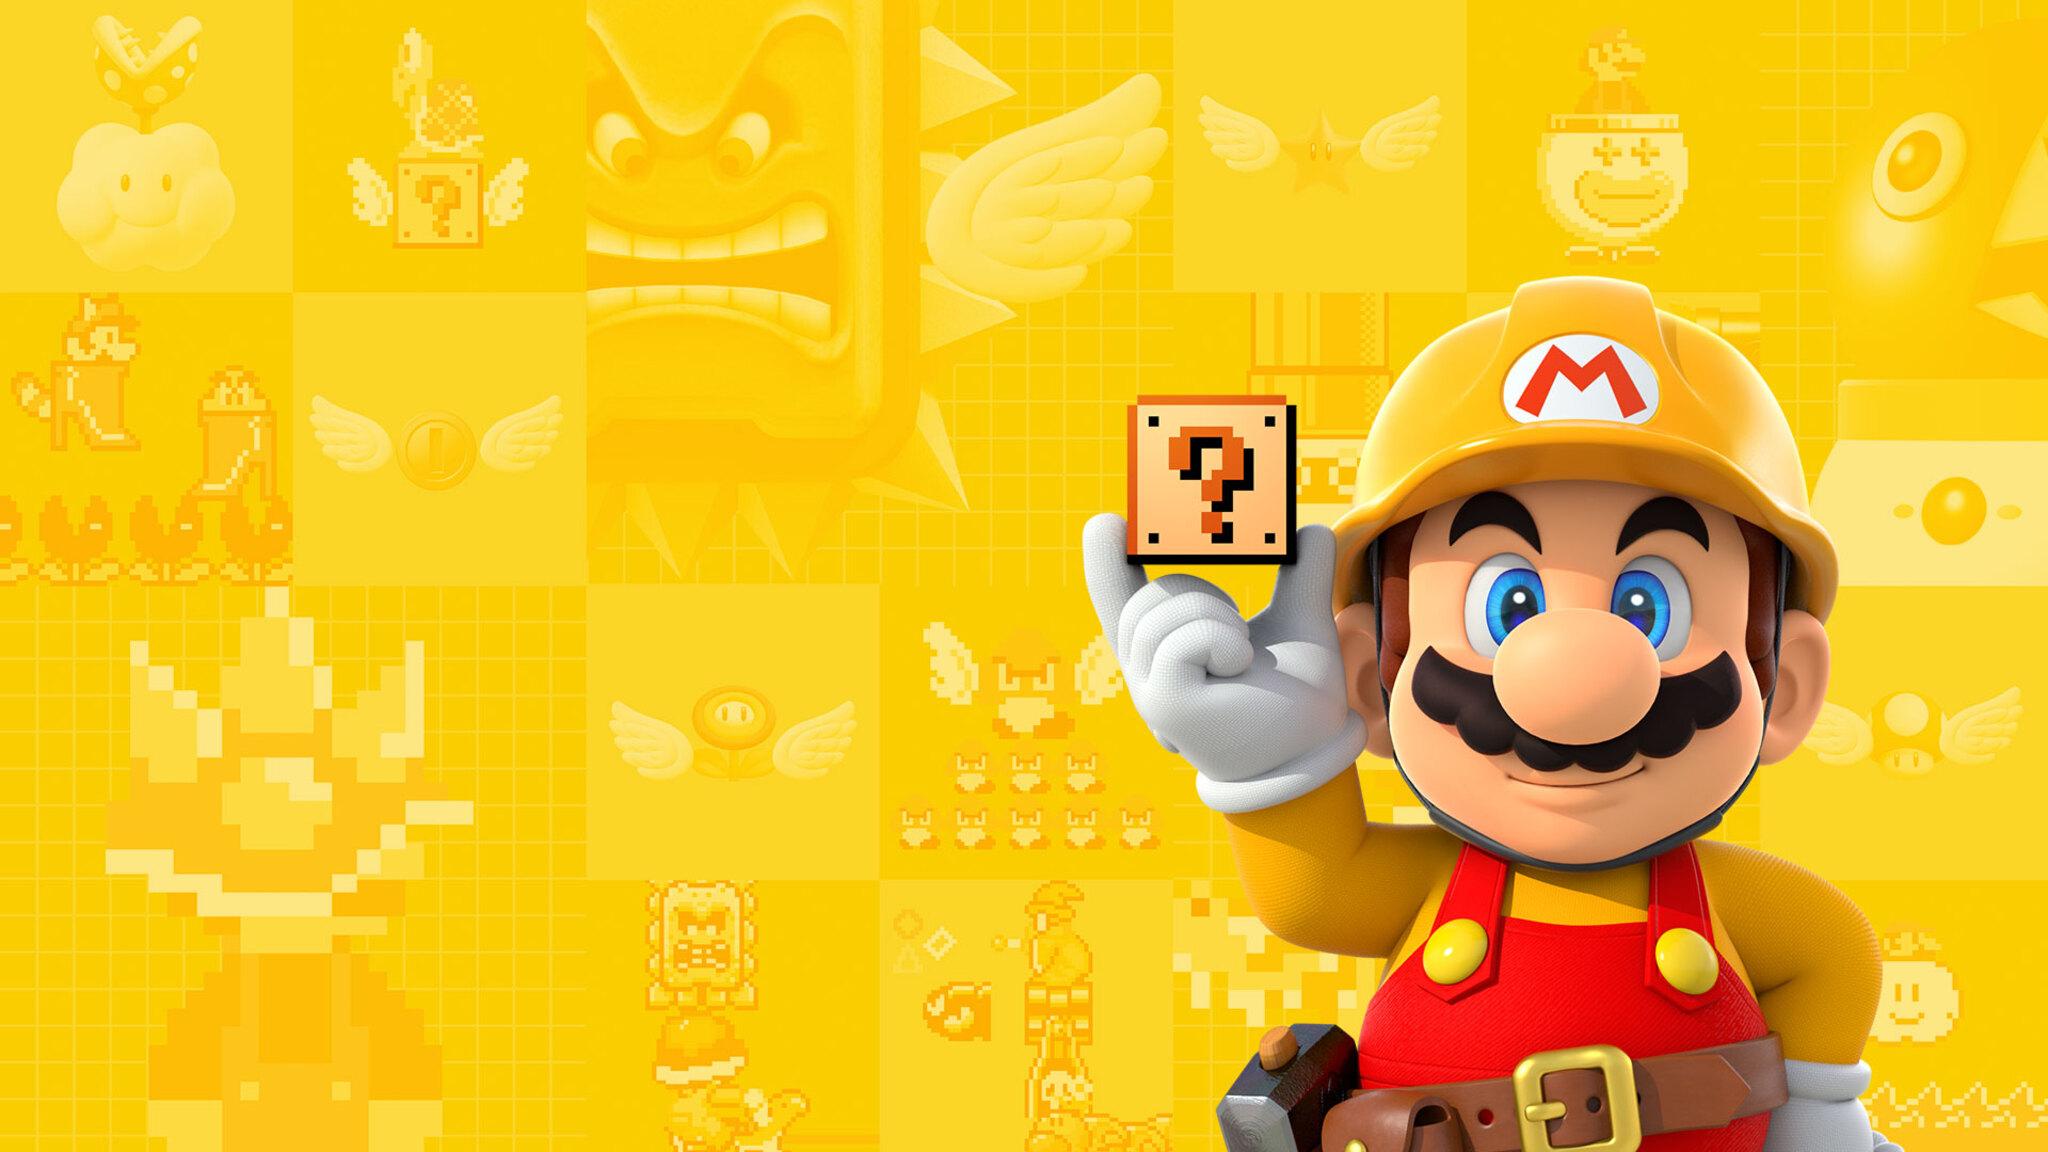 Android 3d Live Wallpaper Maker 2048x1152 Super Mario Maker 2048x1152 Resolution Hd 4k